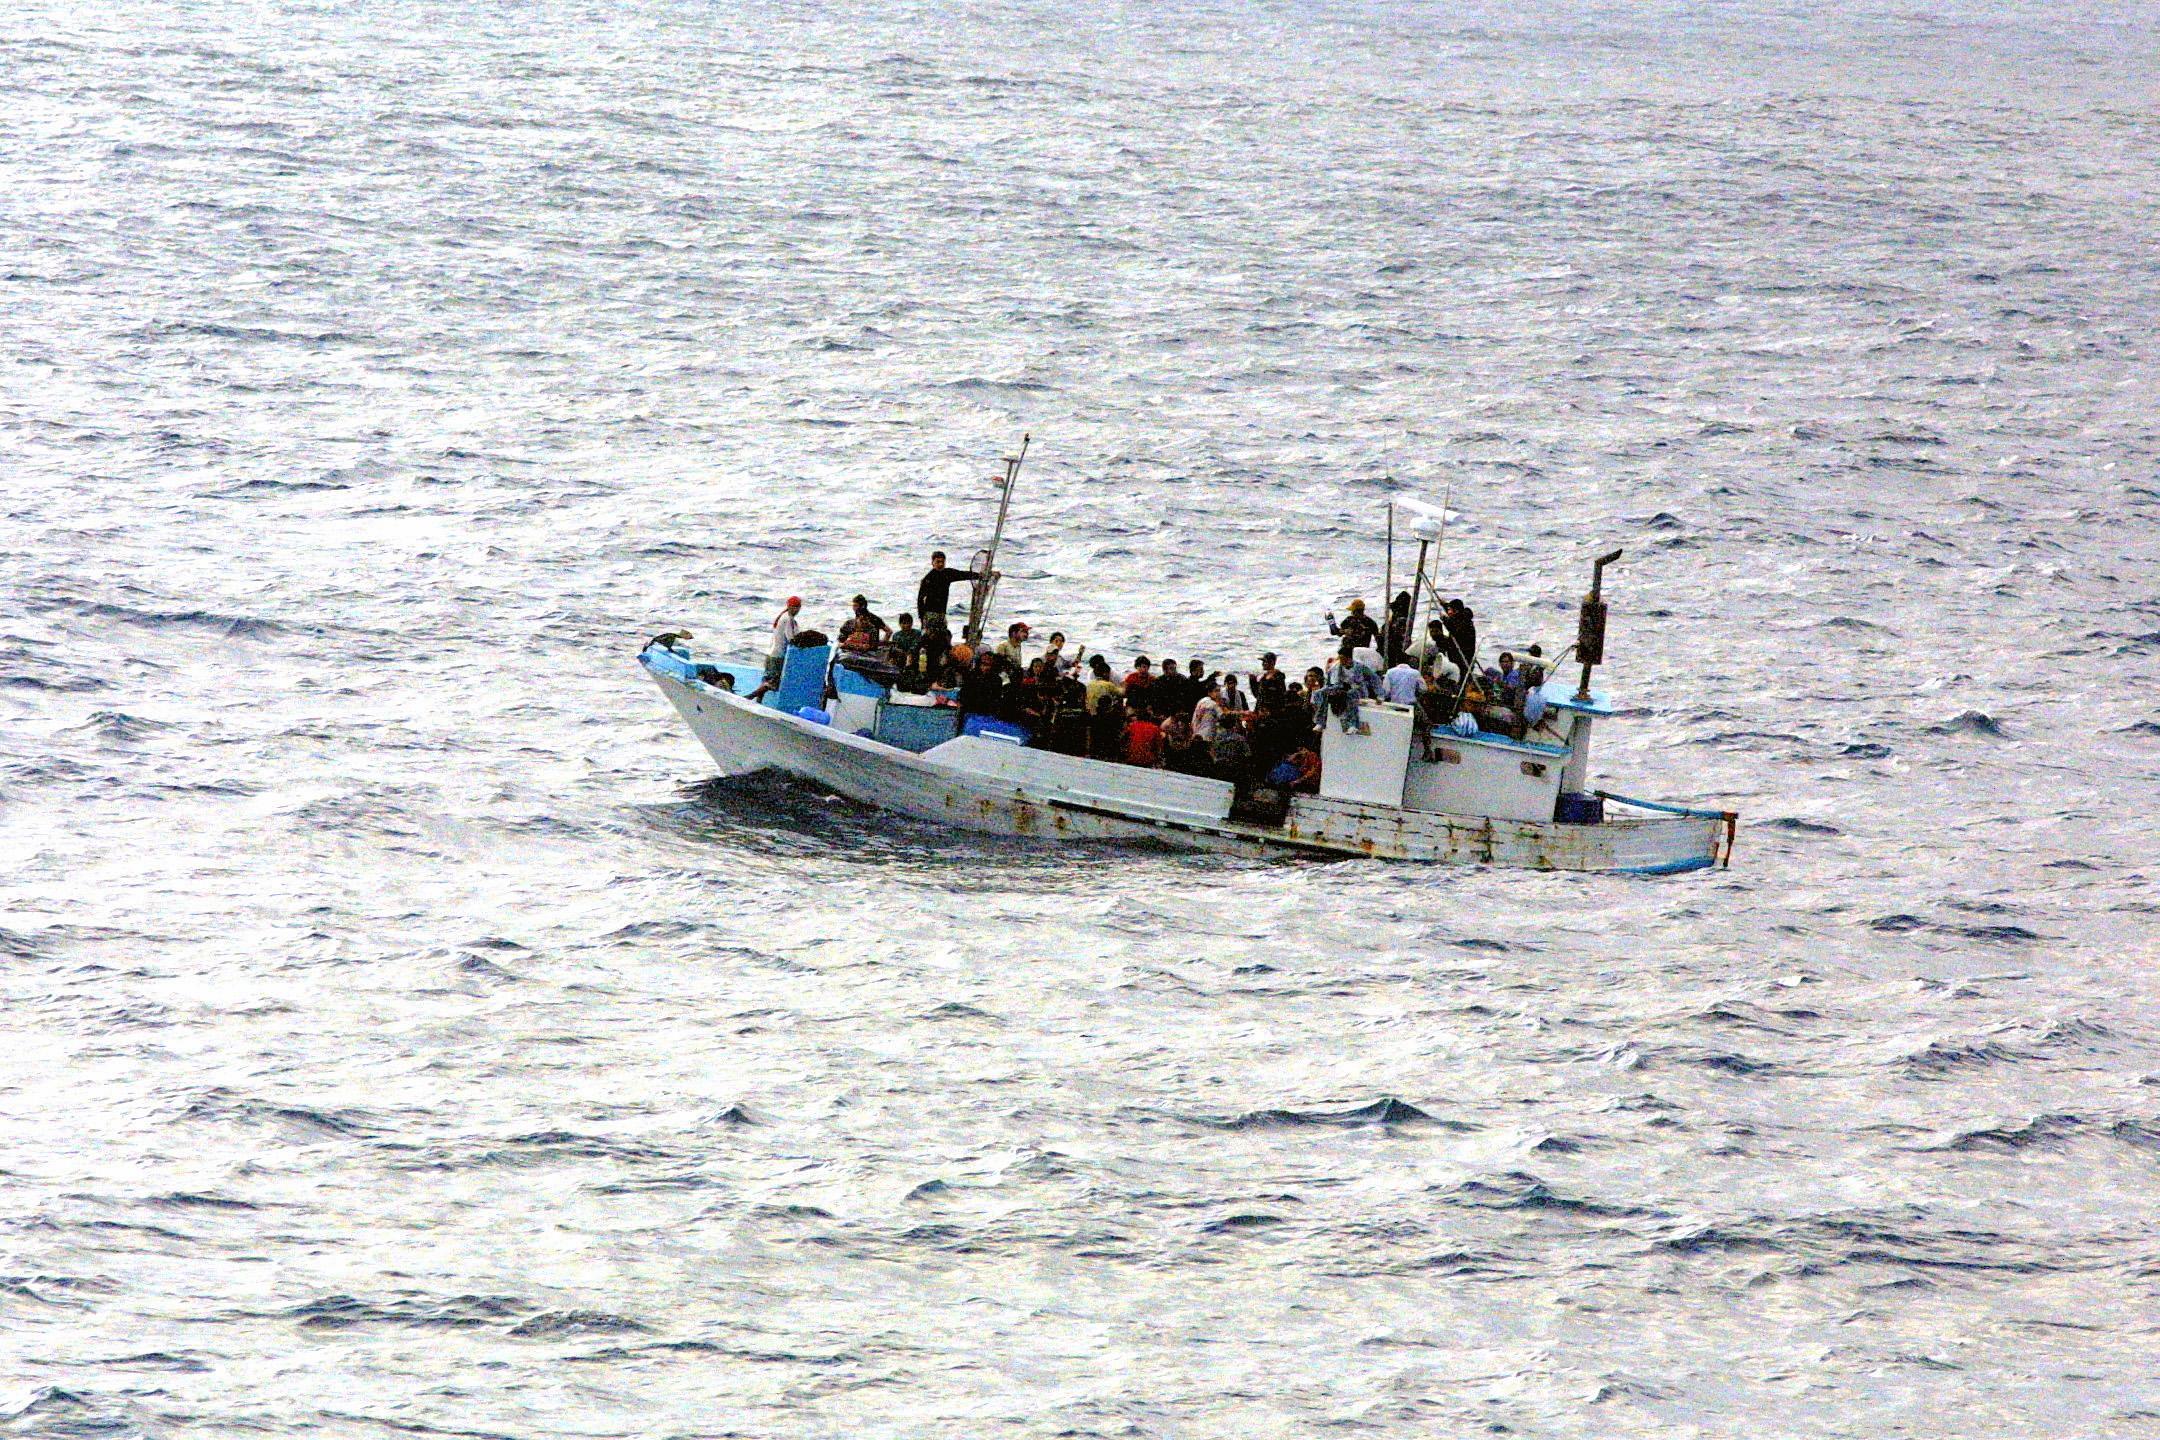 Embarcation de réfugiés en difficulté, WIKIMEDIA COMMONS - N.N.